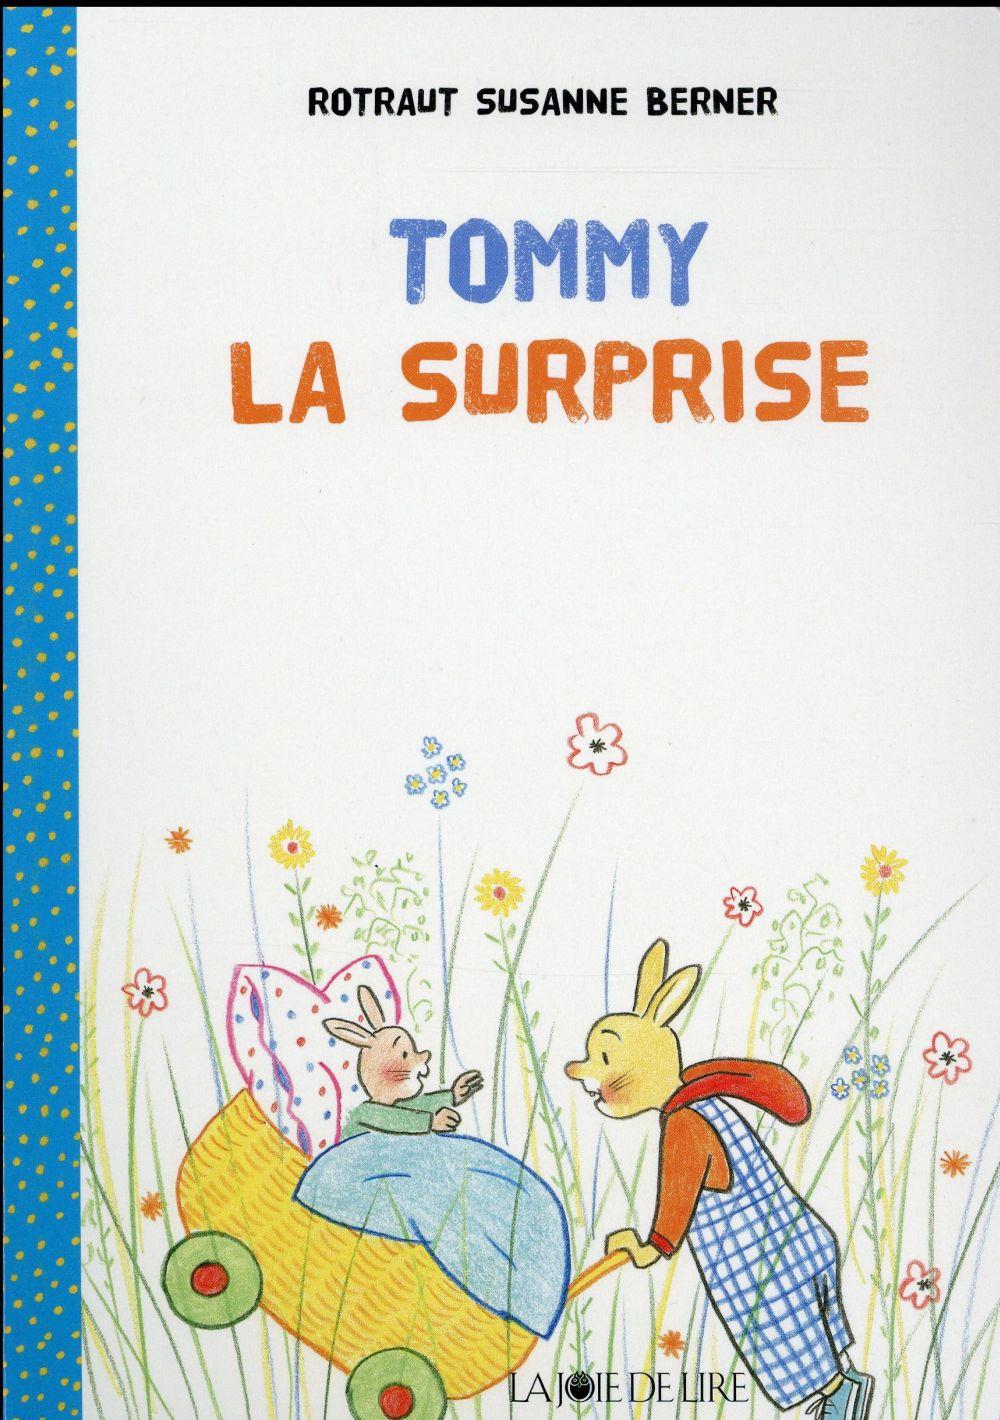 Tommy la surprise